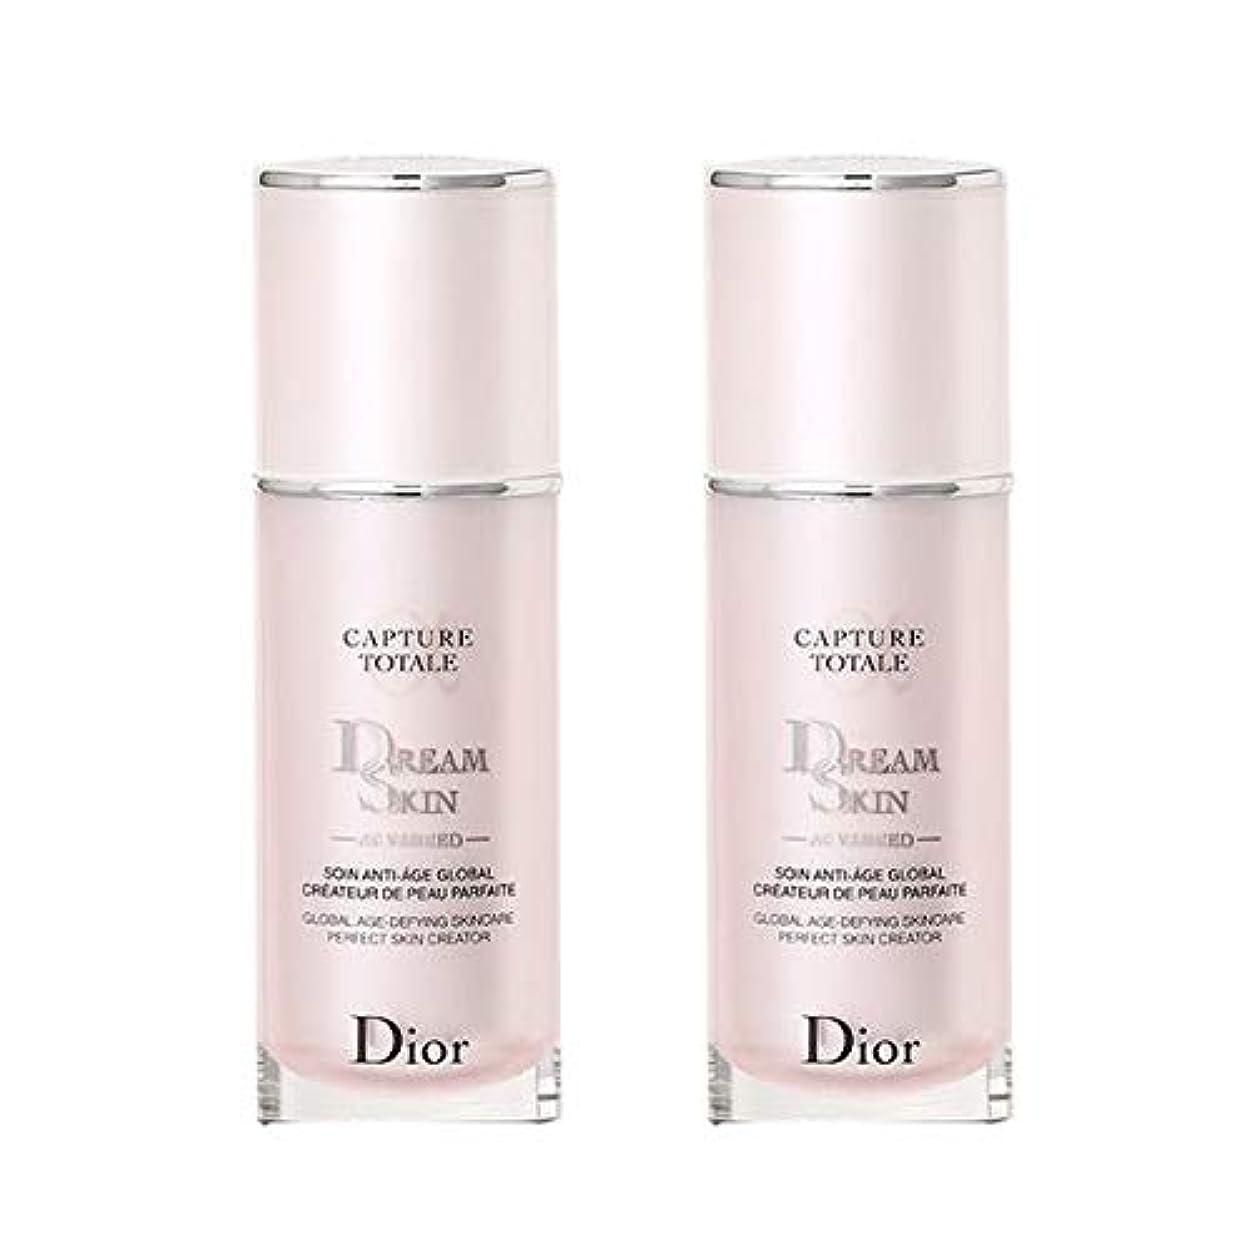 素晴らしい良い多くの金曜日チャペル【セット】クリスチャンディオール Christian Dior カプチュール トータル ドリームスキン アドバンスト 50mL 2個セット [並行輸入品]